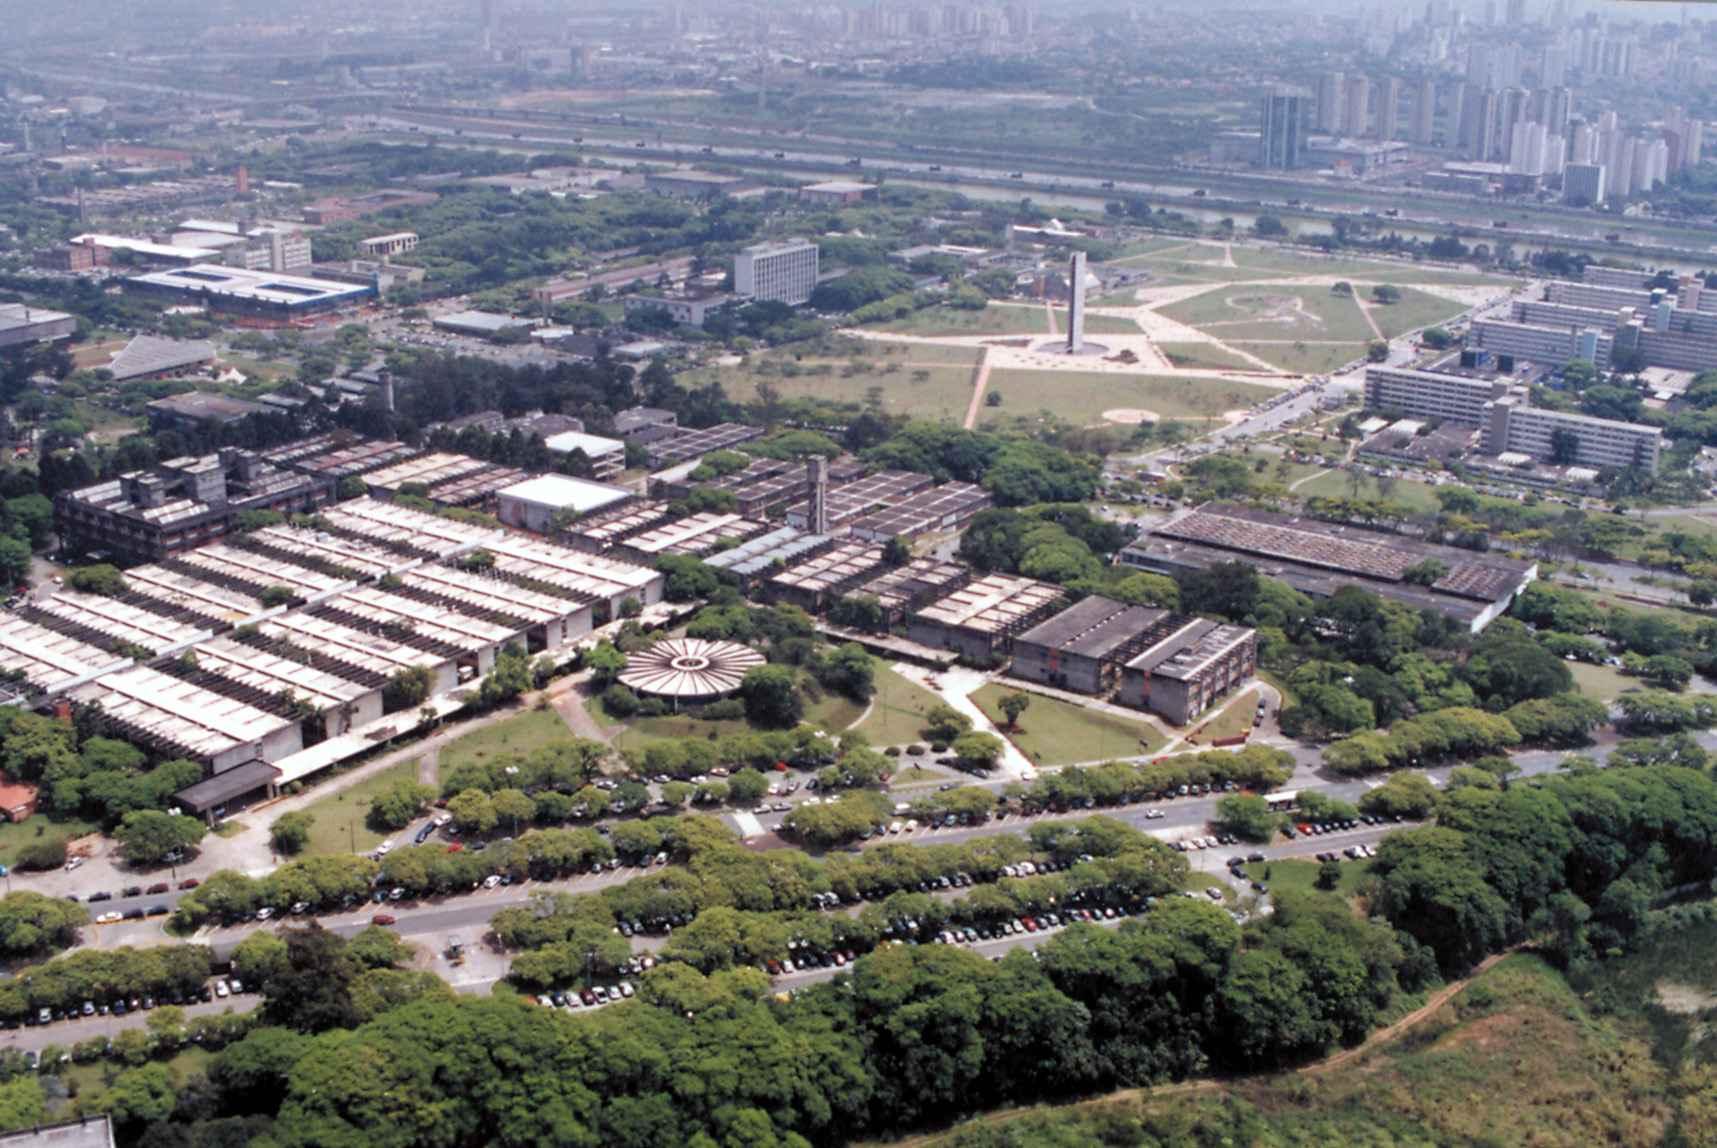 image of University of São Paulo